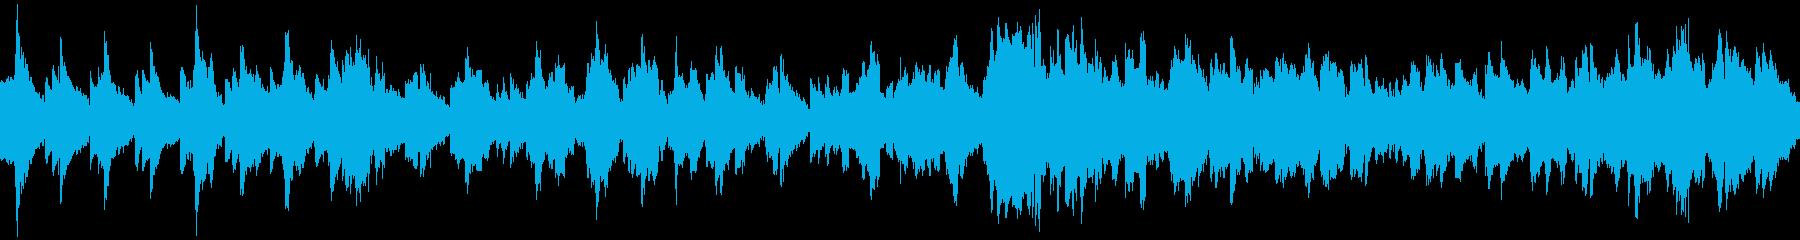 ハープとフルートのもの悲しいループBGMの再生済みの波形